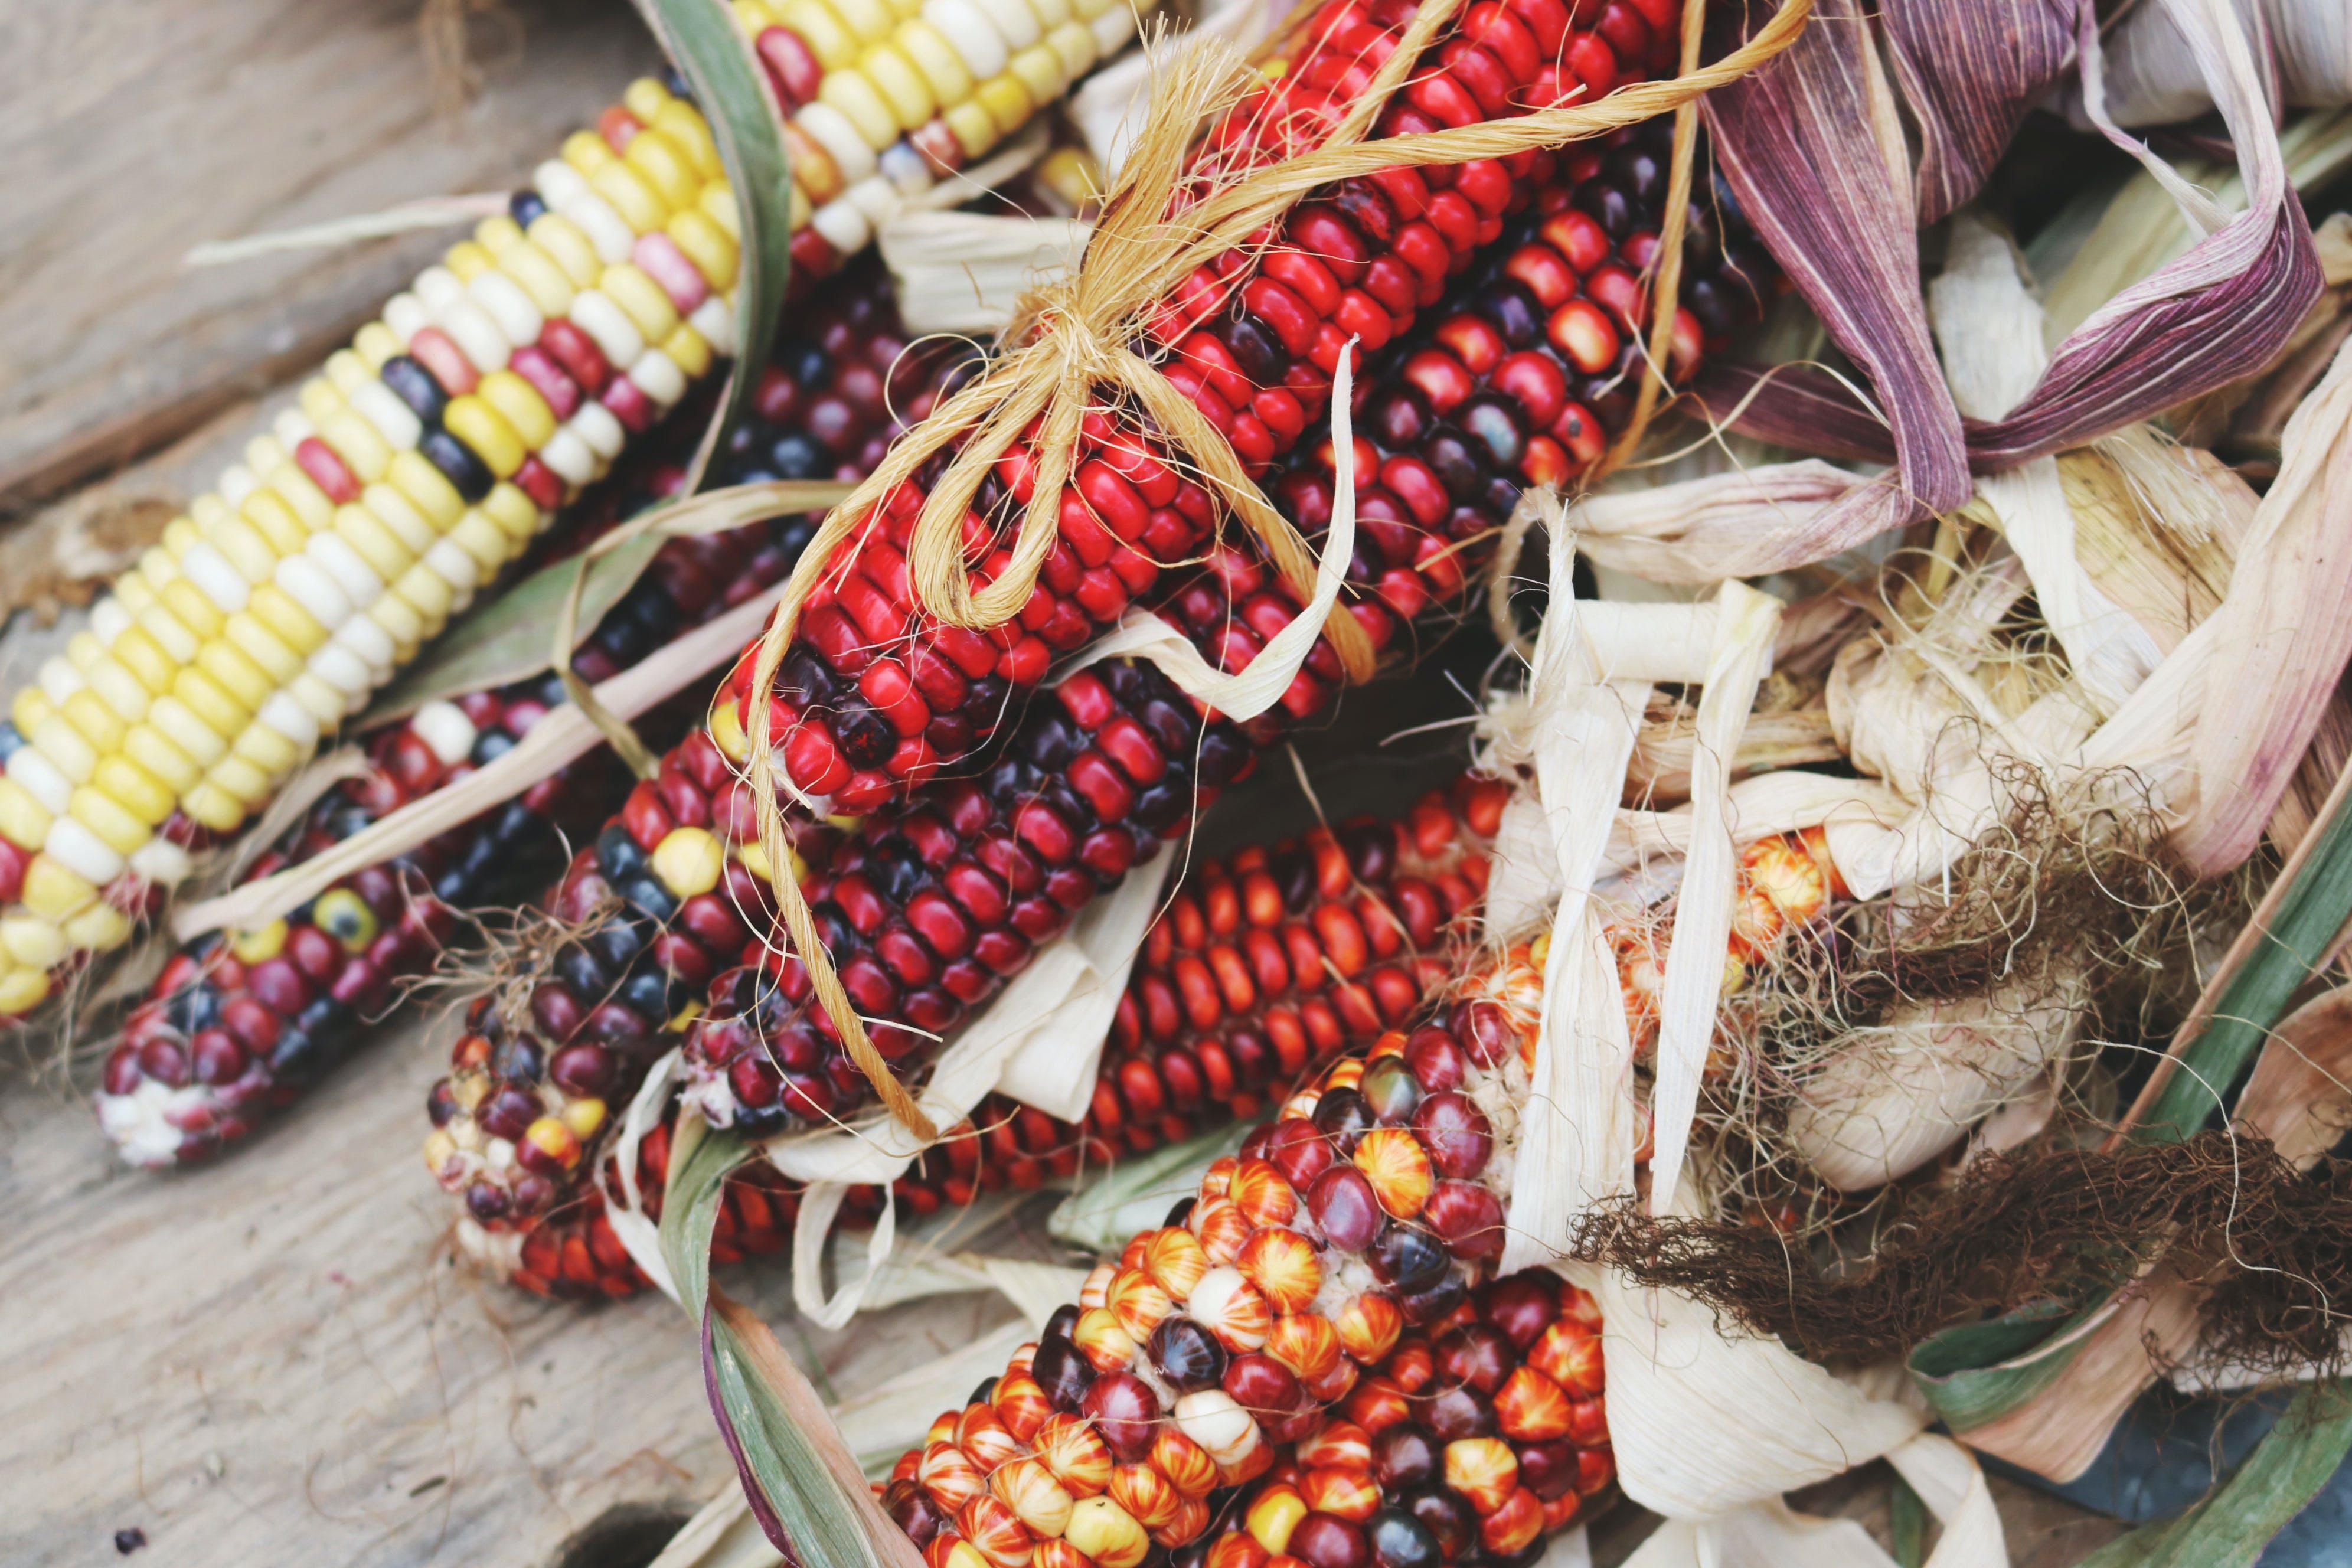 Kostenloses Stock Foto zu bunter mais, ernte, essen, farbe